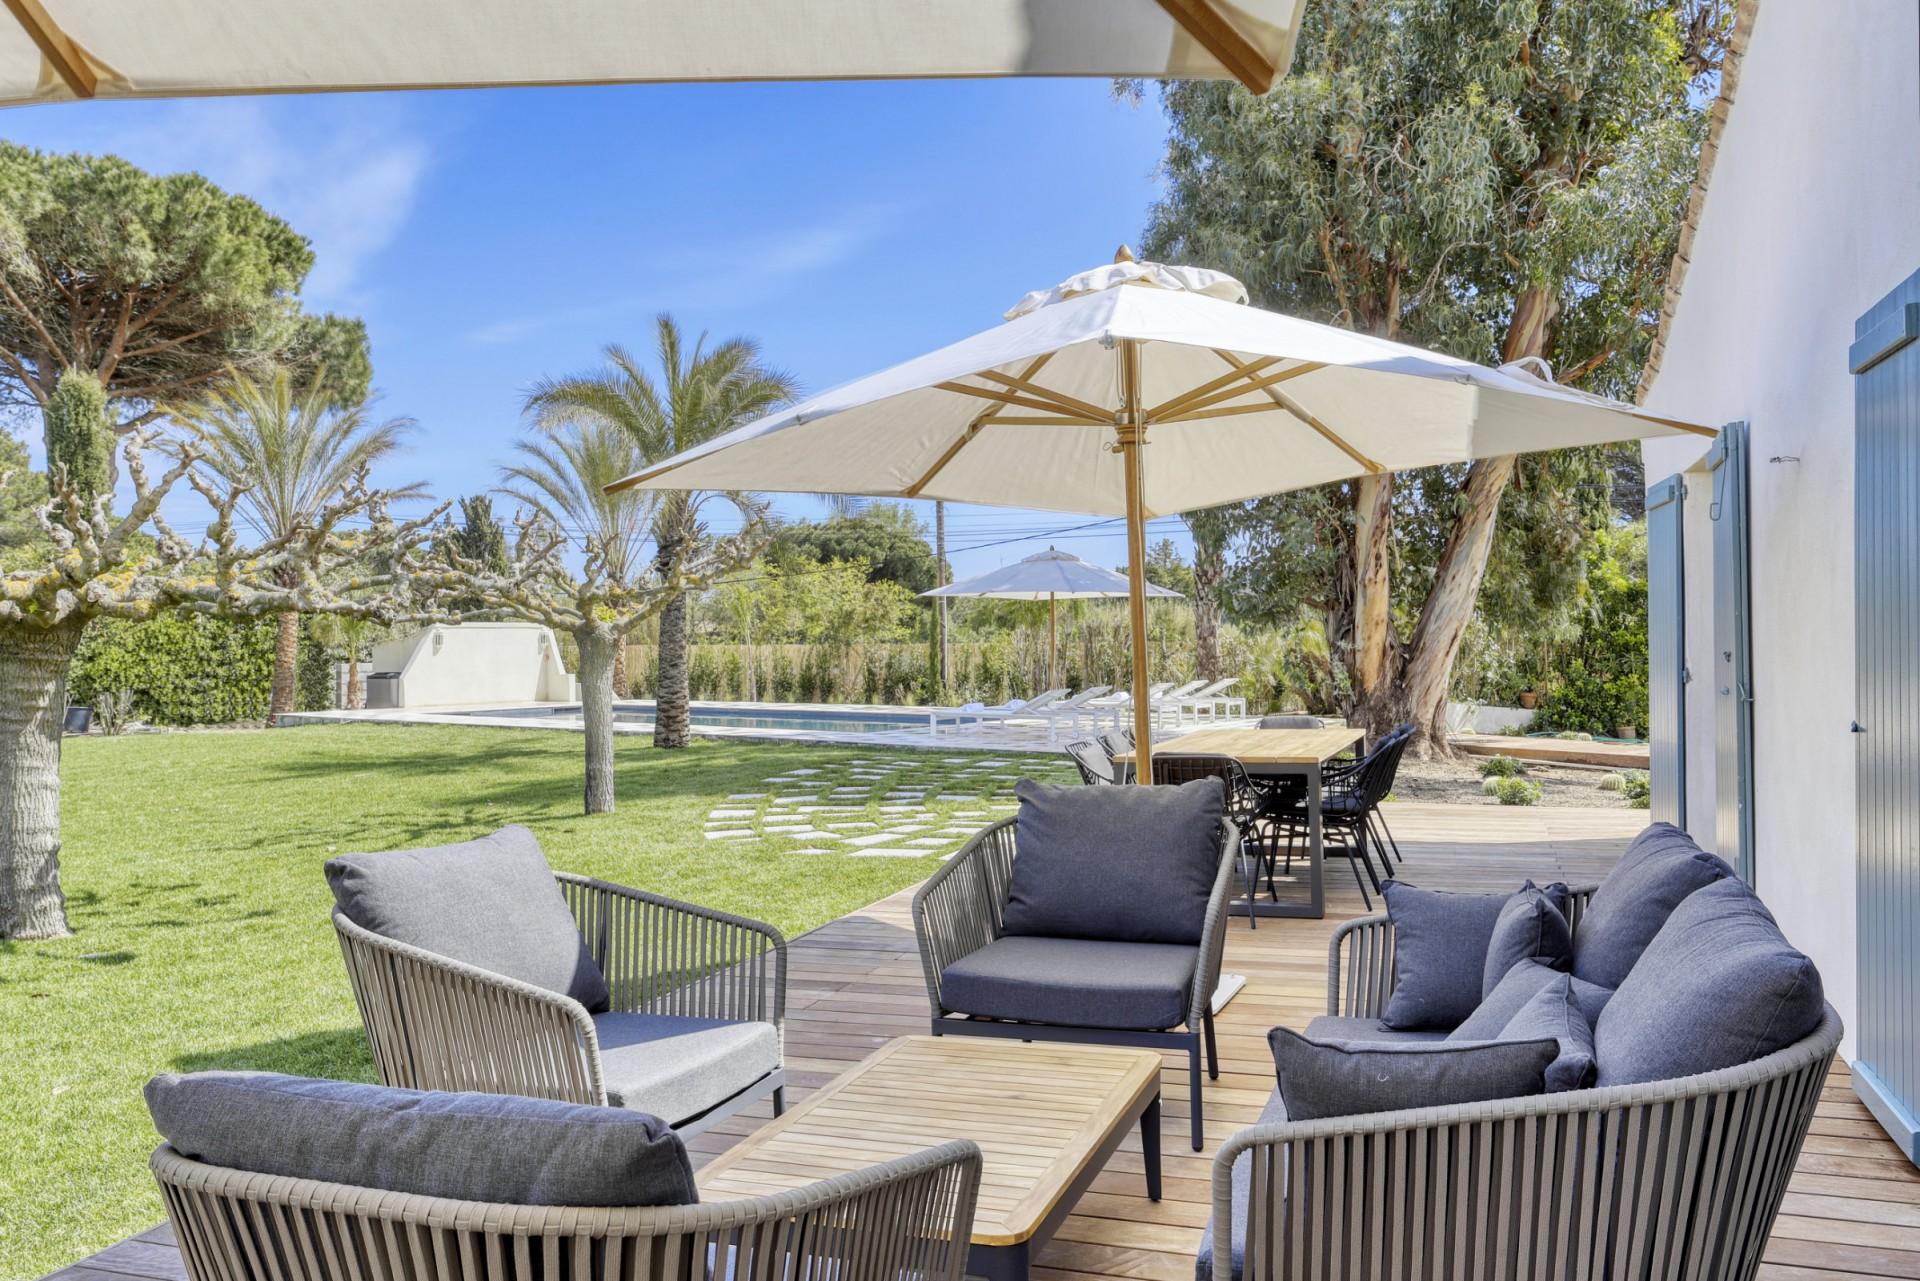 Ramatuelle Location Villa Luxe Bomakite Mobilier Jardin